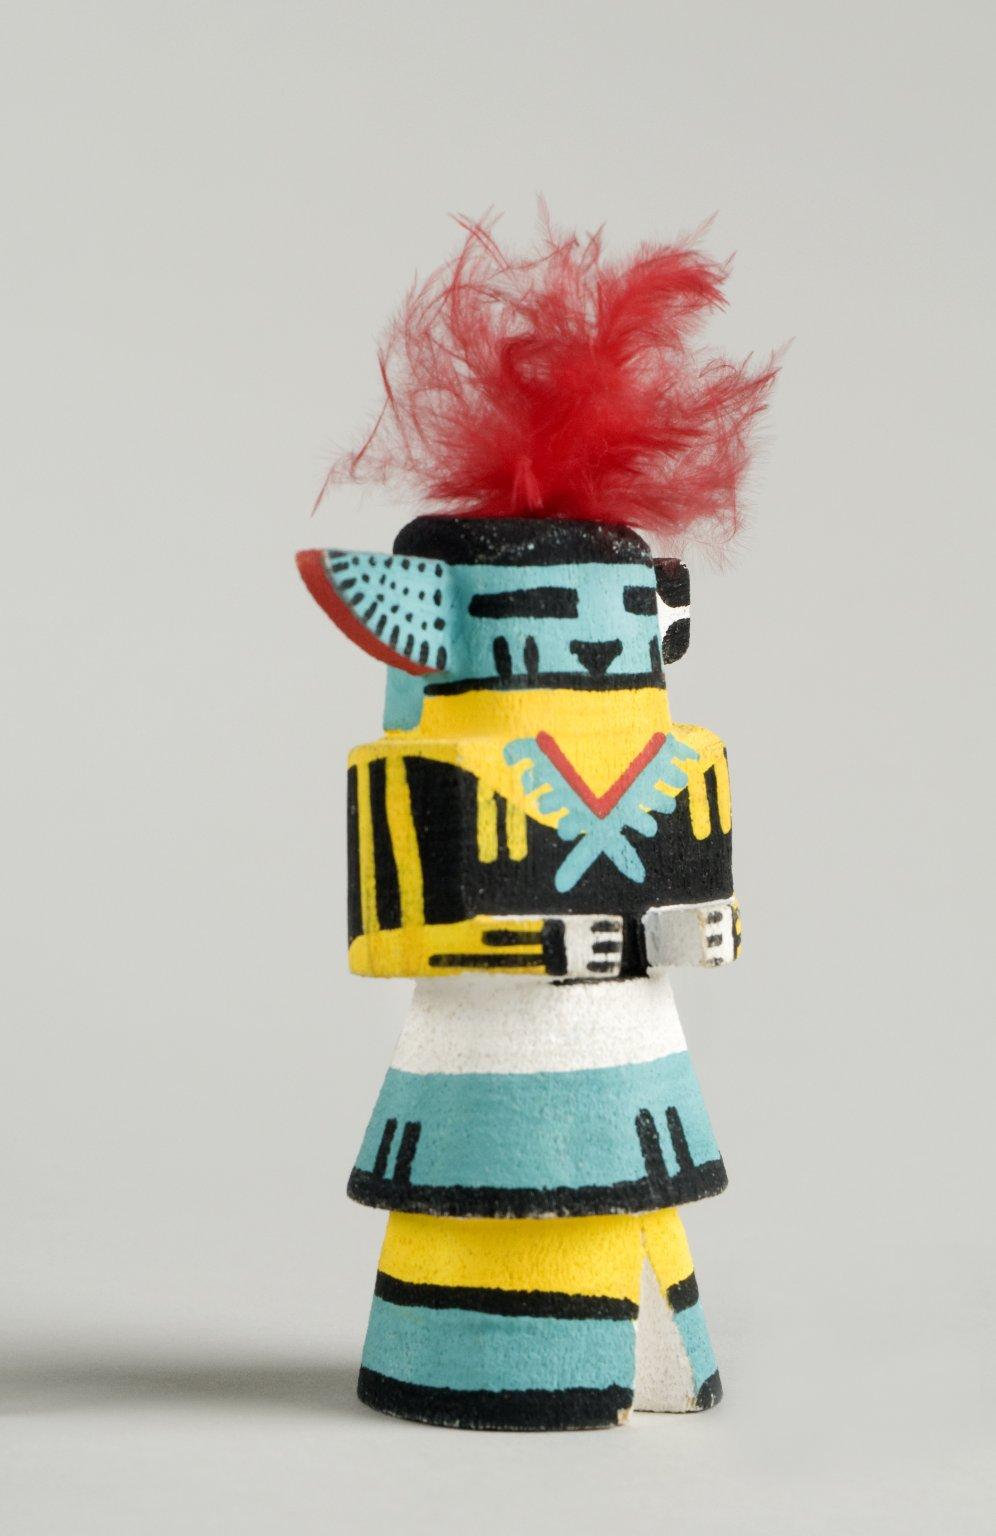 Susopa Kachina Doll